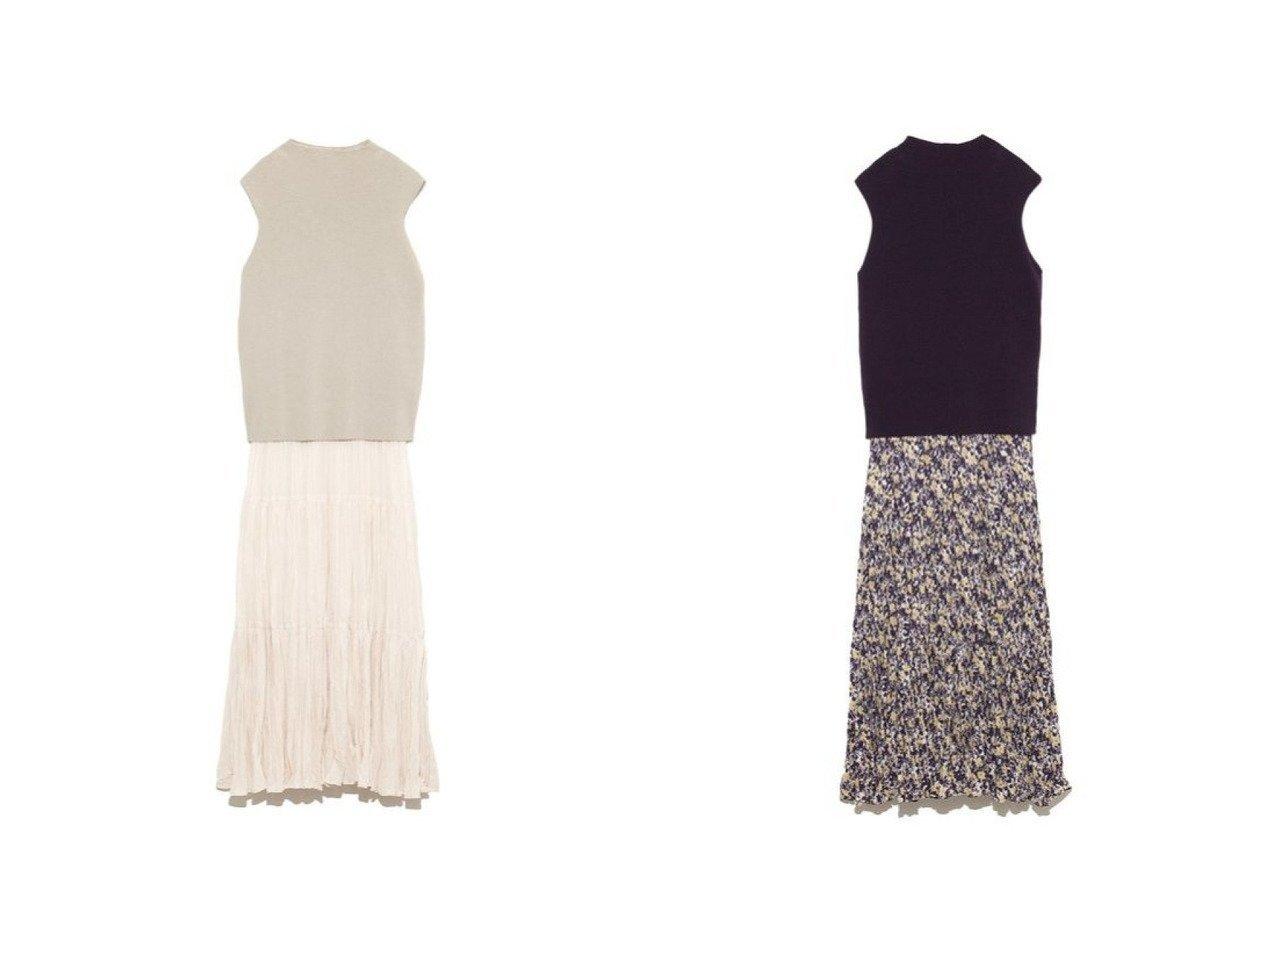 【Mila Owen/ミラオーウェン】のハイネックNTドッキングワッシャーOP ワンピース・ドレスのおすすめ!人気、トレンド・レディースファッションの通販 おすすめで人気の流行・トレンド、ファッションの通販商品 メンズファッション・キッズファッション・インテリア・家具・レディースファッション・服の通販 founy(ファニー) https://founy.com/ ファッション Fashion レディースファッション WOMEN ワンピース Dress マキシワンピース Maxi Dress ドッキング ノースリーブ ハイネック マキシ ロング ワッシャー |ID:crp329100000014057